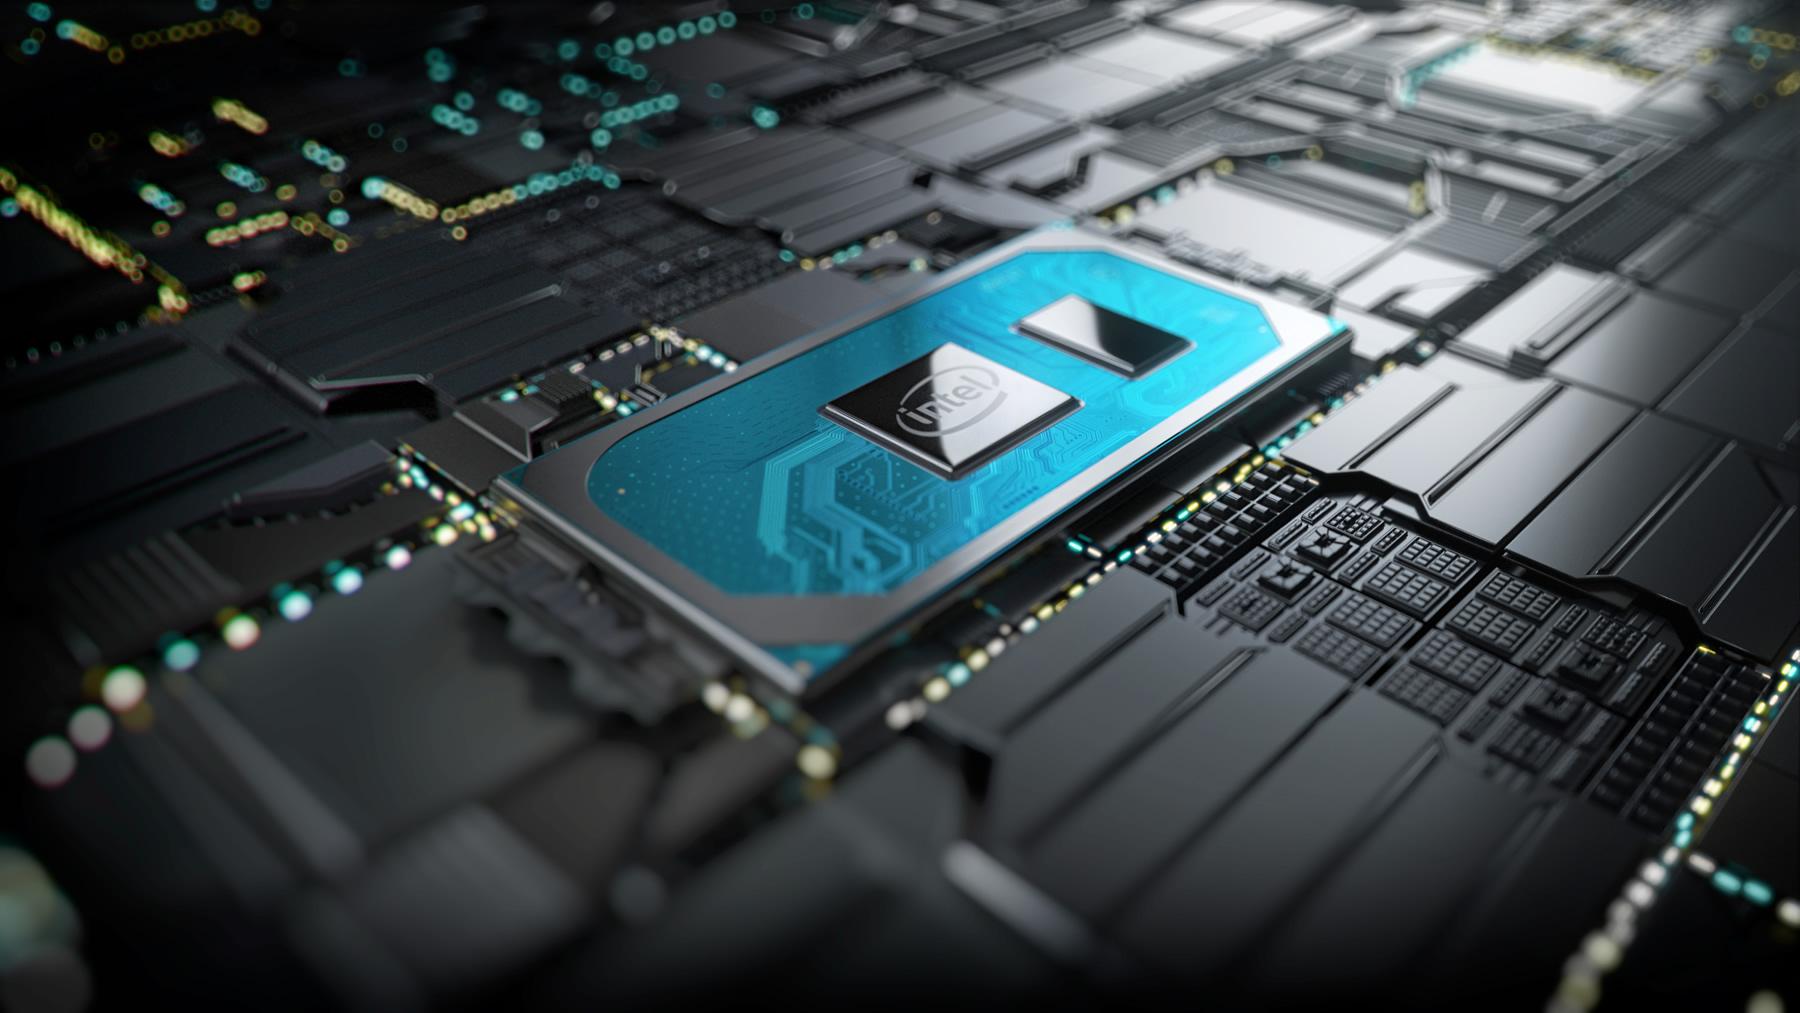 Intel Core i7-1065G7 (10nm) hiển thị trên Cinebench R20, không phải vì nó mạnh mẽ, nhưng ... 5